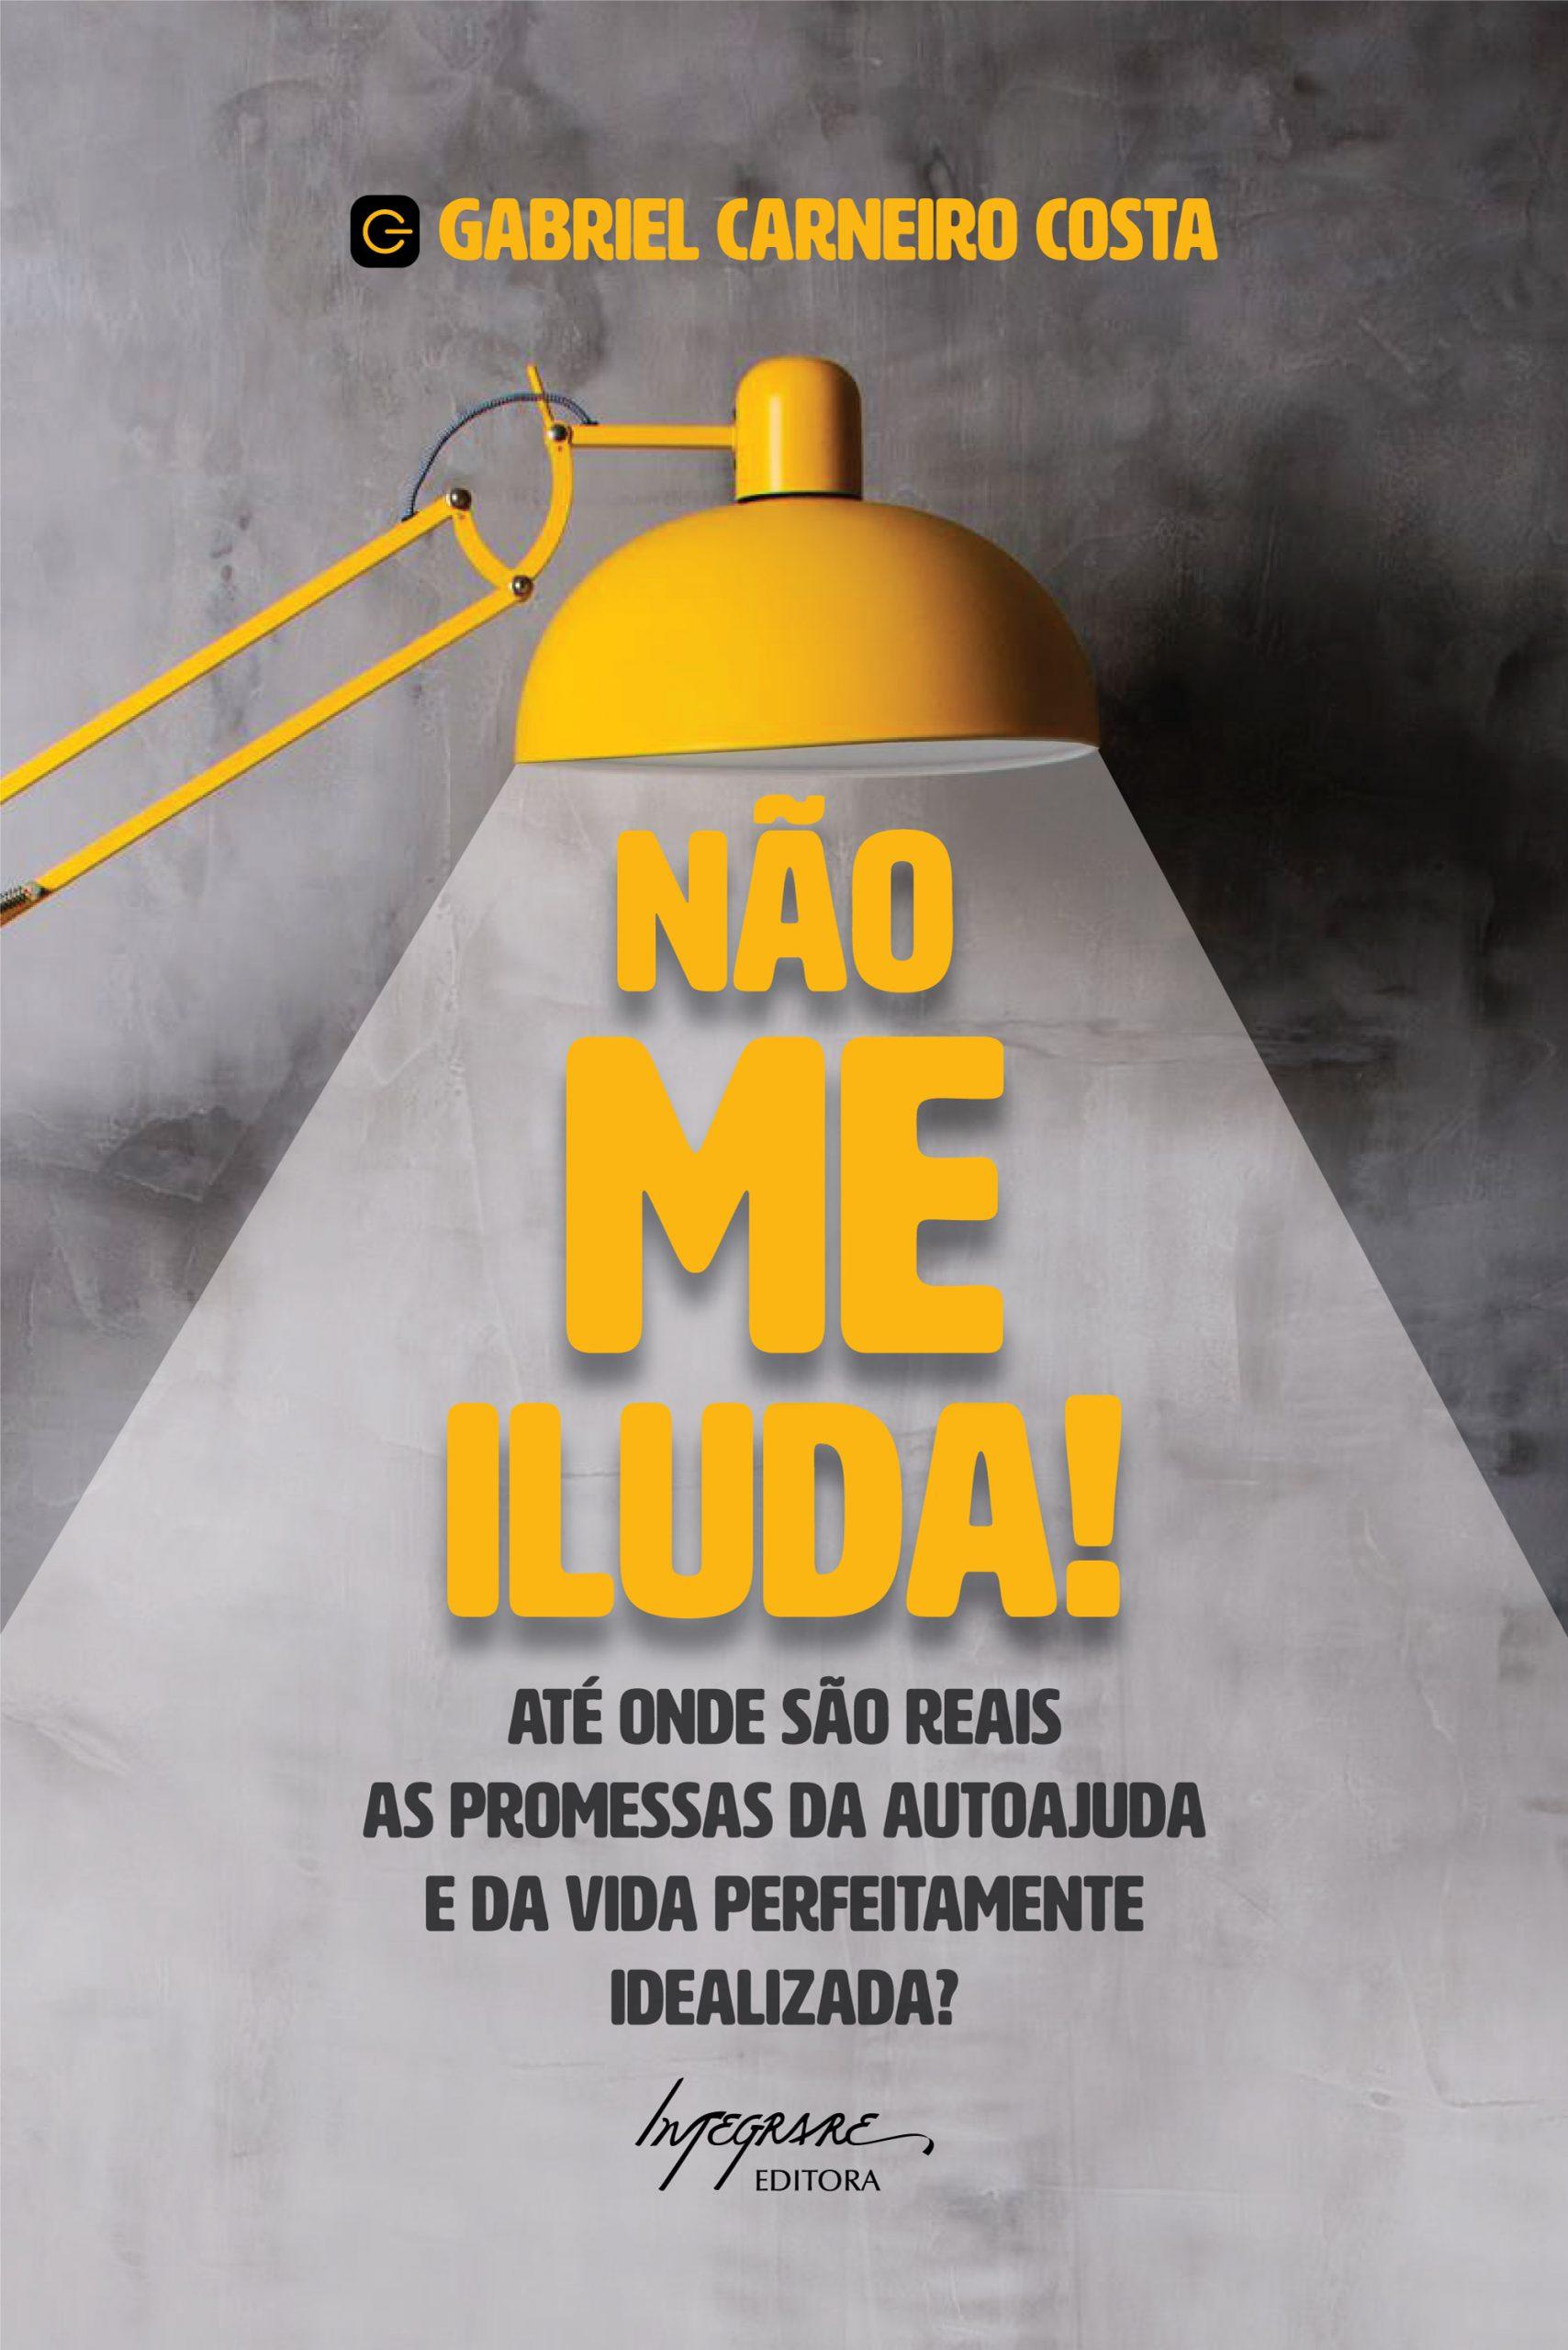 Capa do livro Não me iluda de Gabriel Carneiro Costa